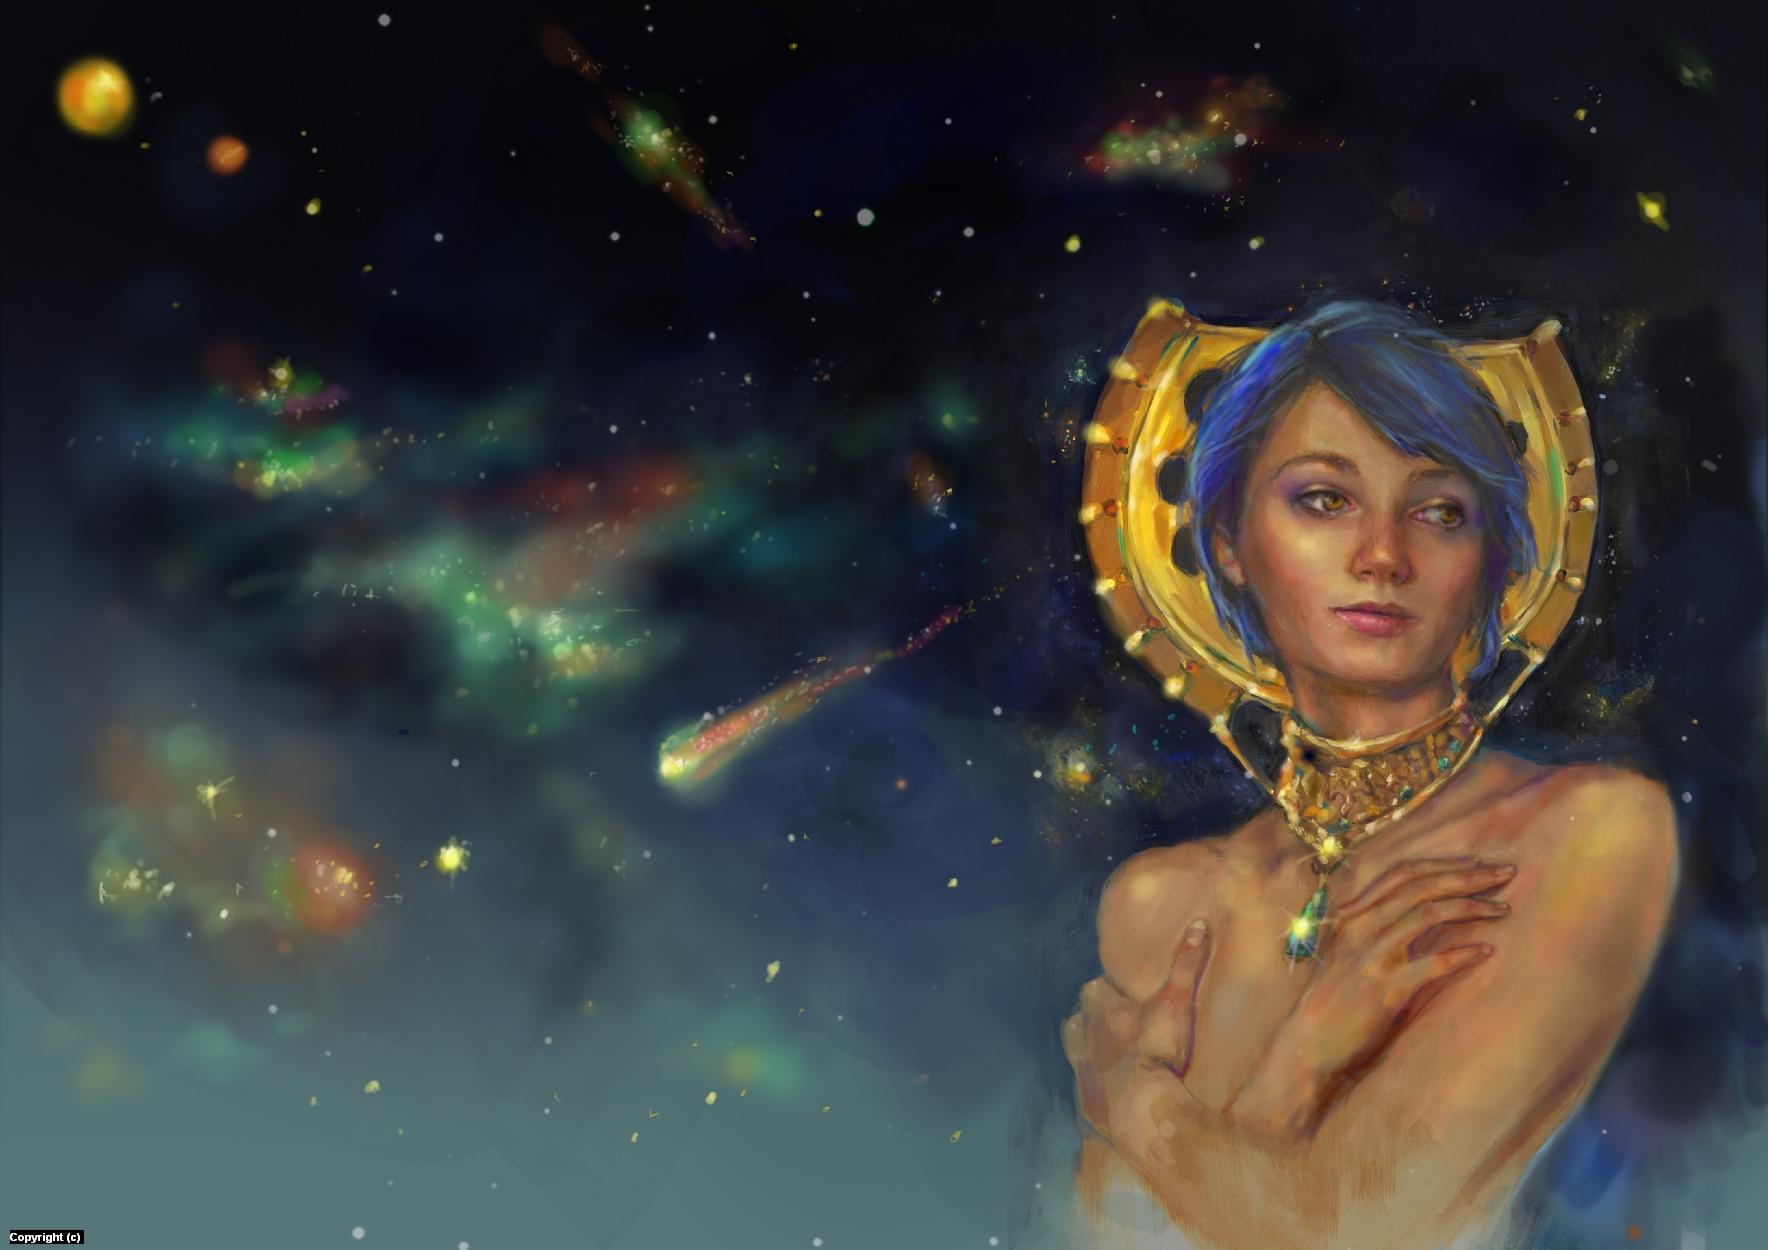 Galaxy Empress Artwork by Anne Garavaglia